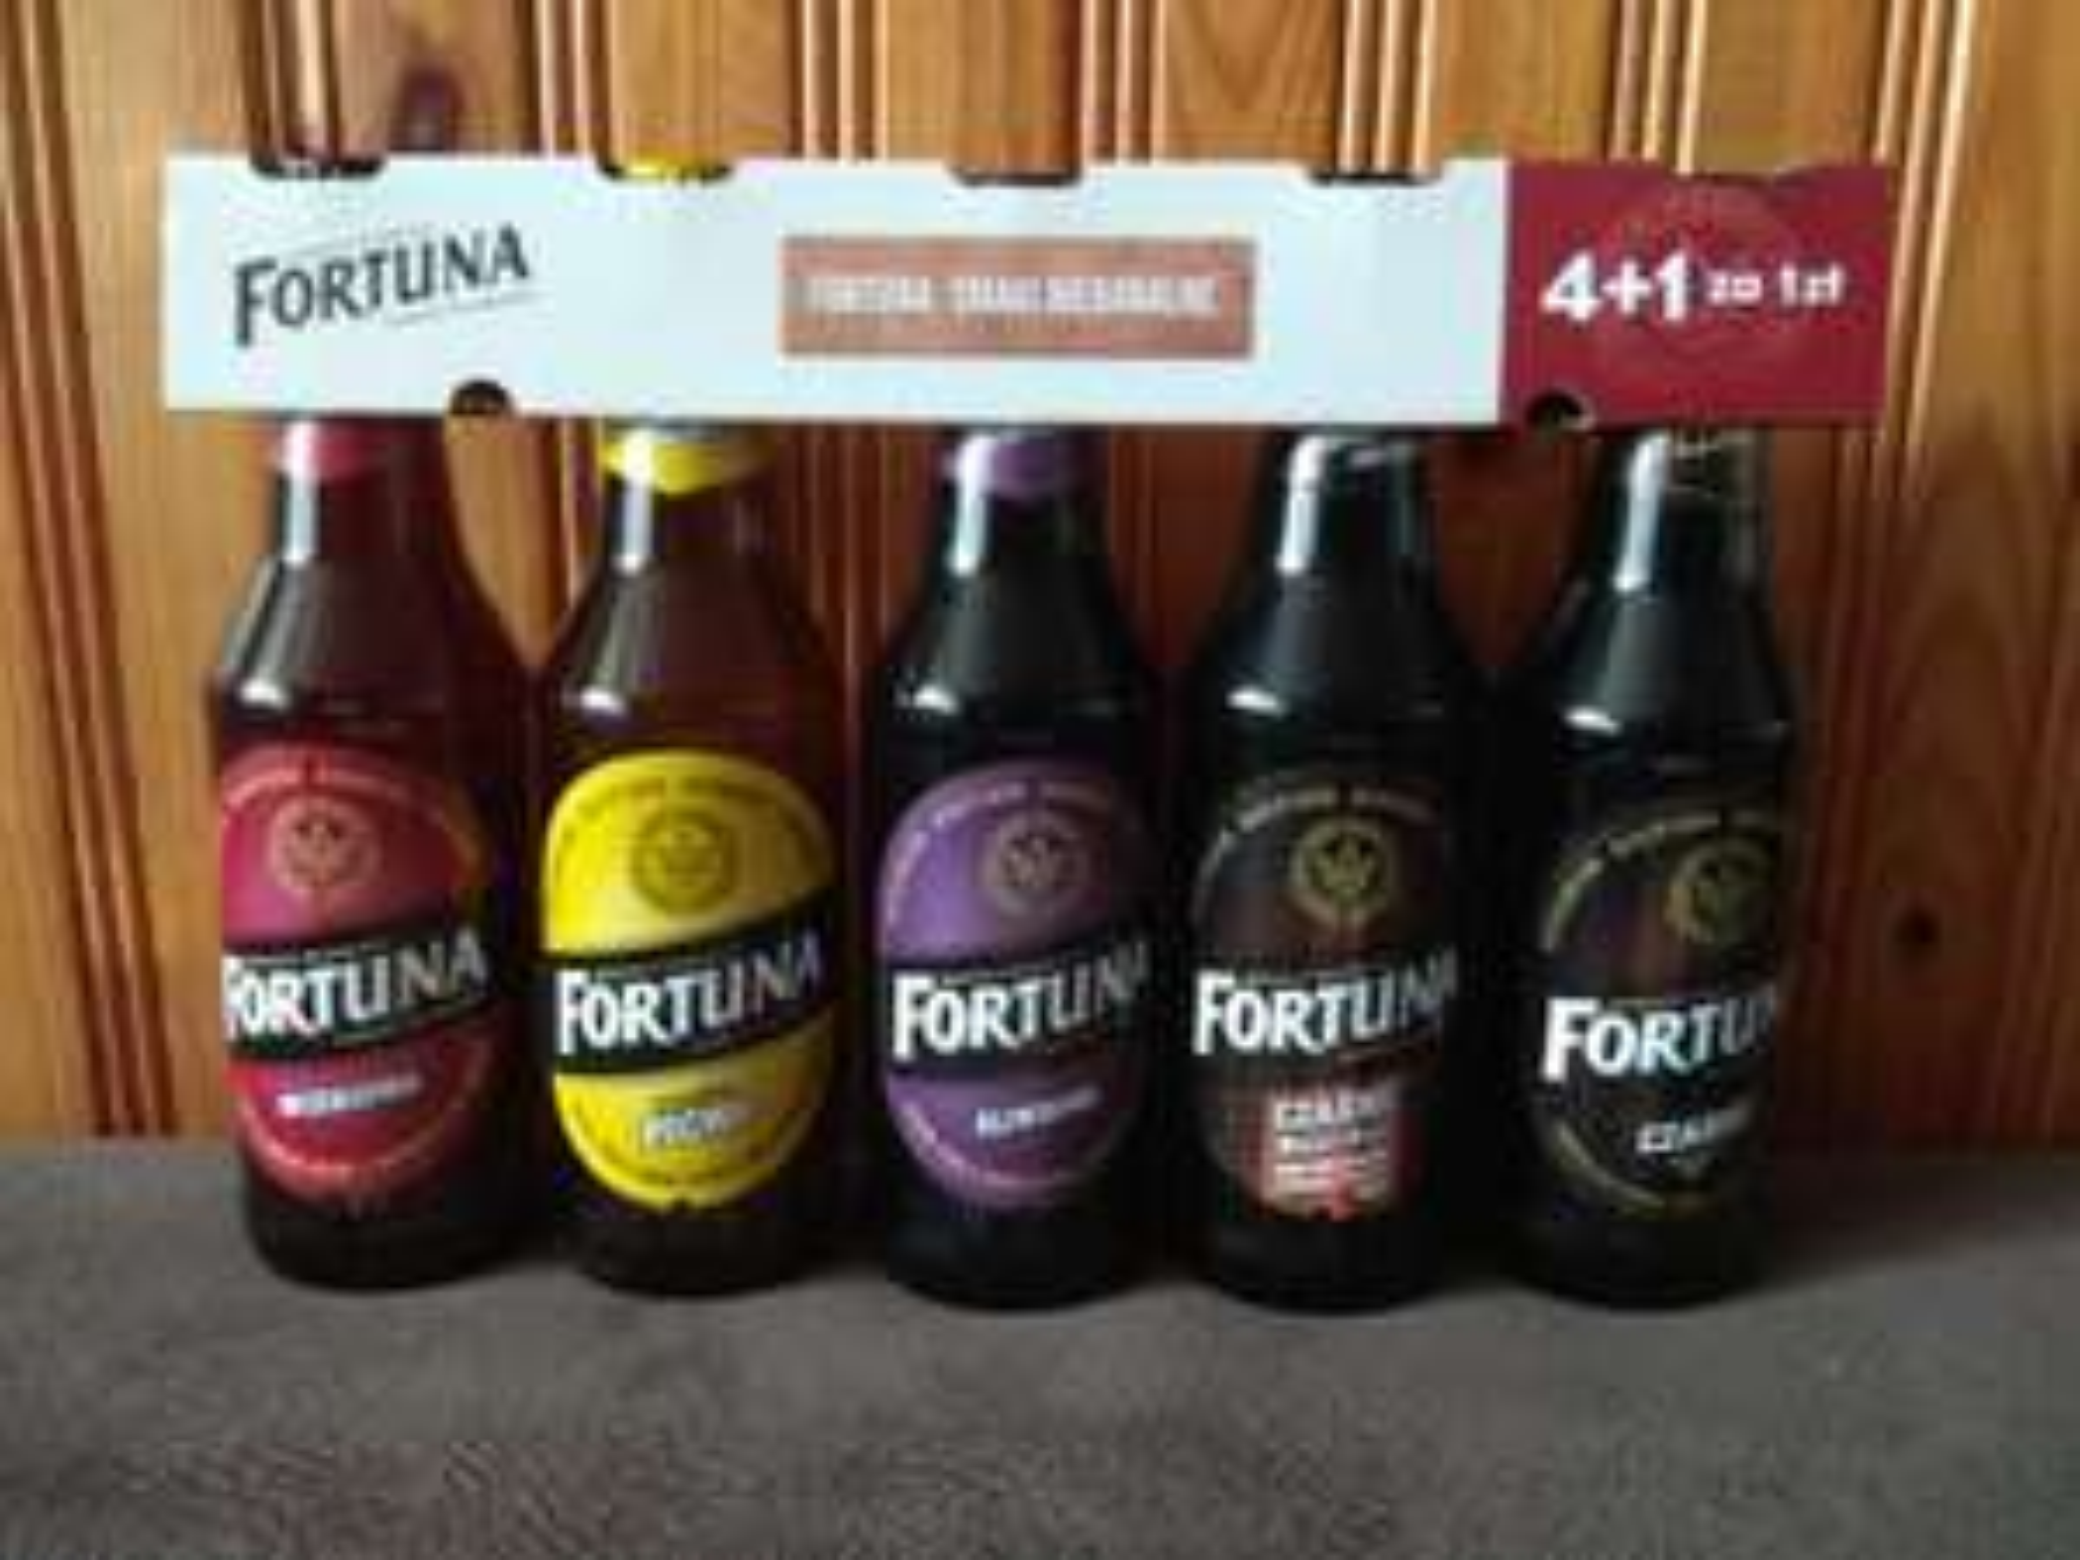 Fortuna, zestaw 5 piw w Bi1, ogólnopolska